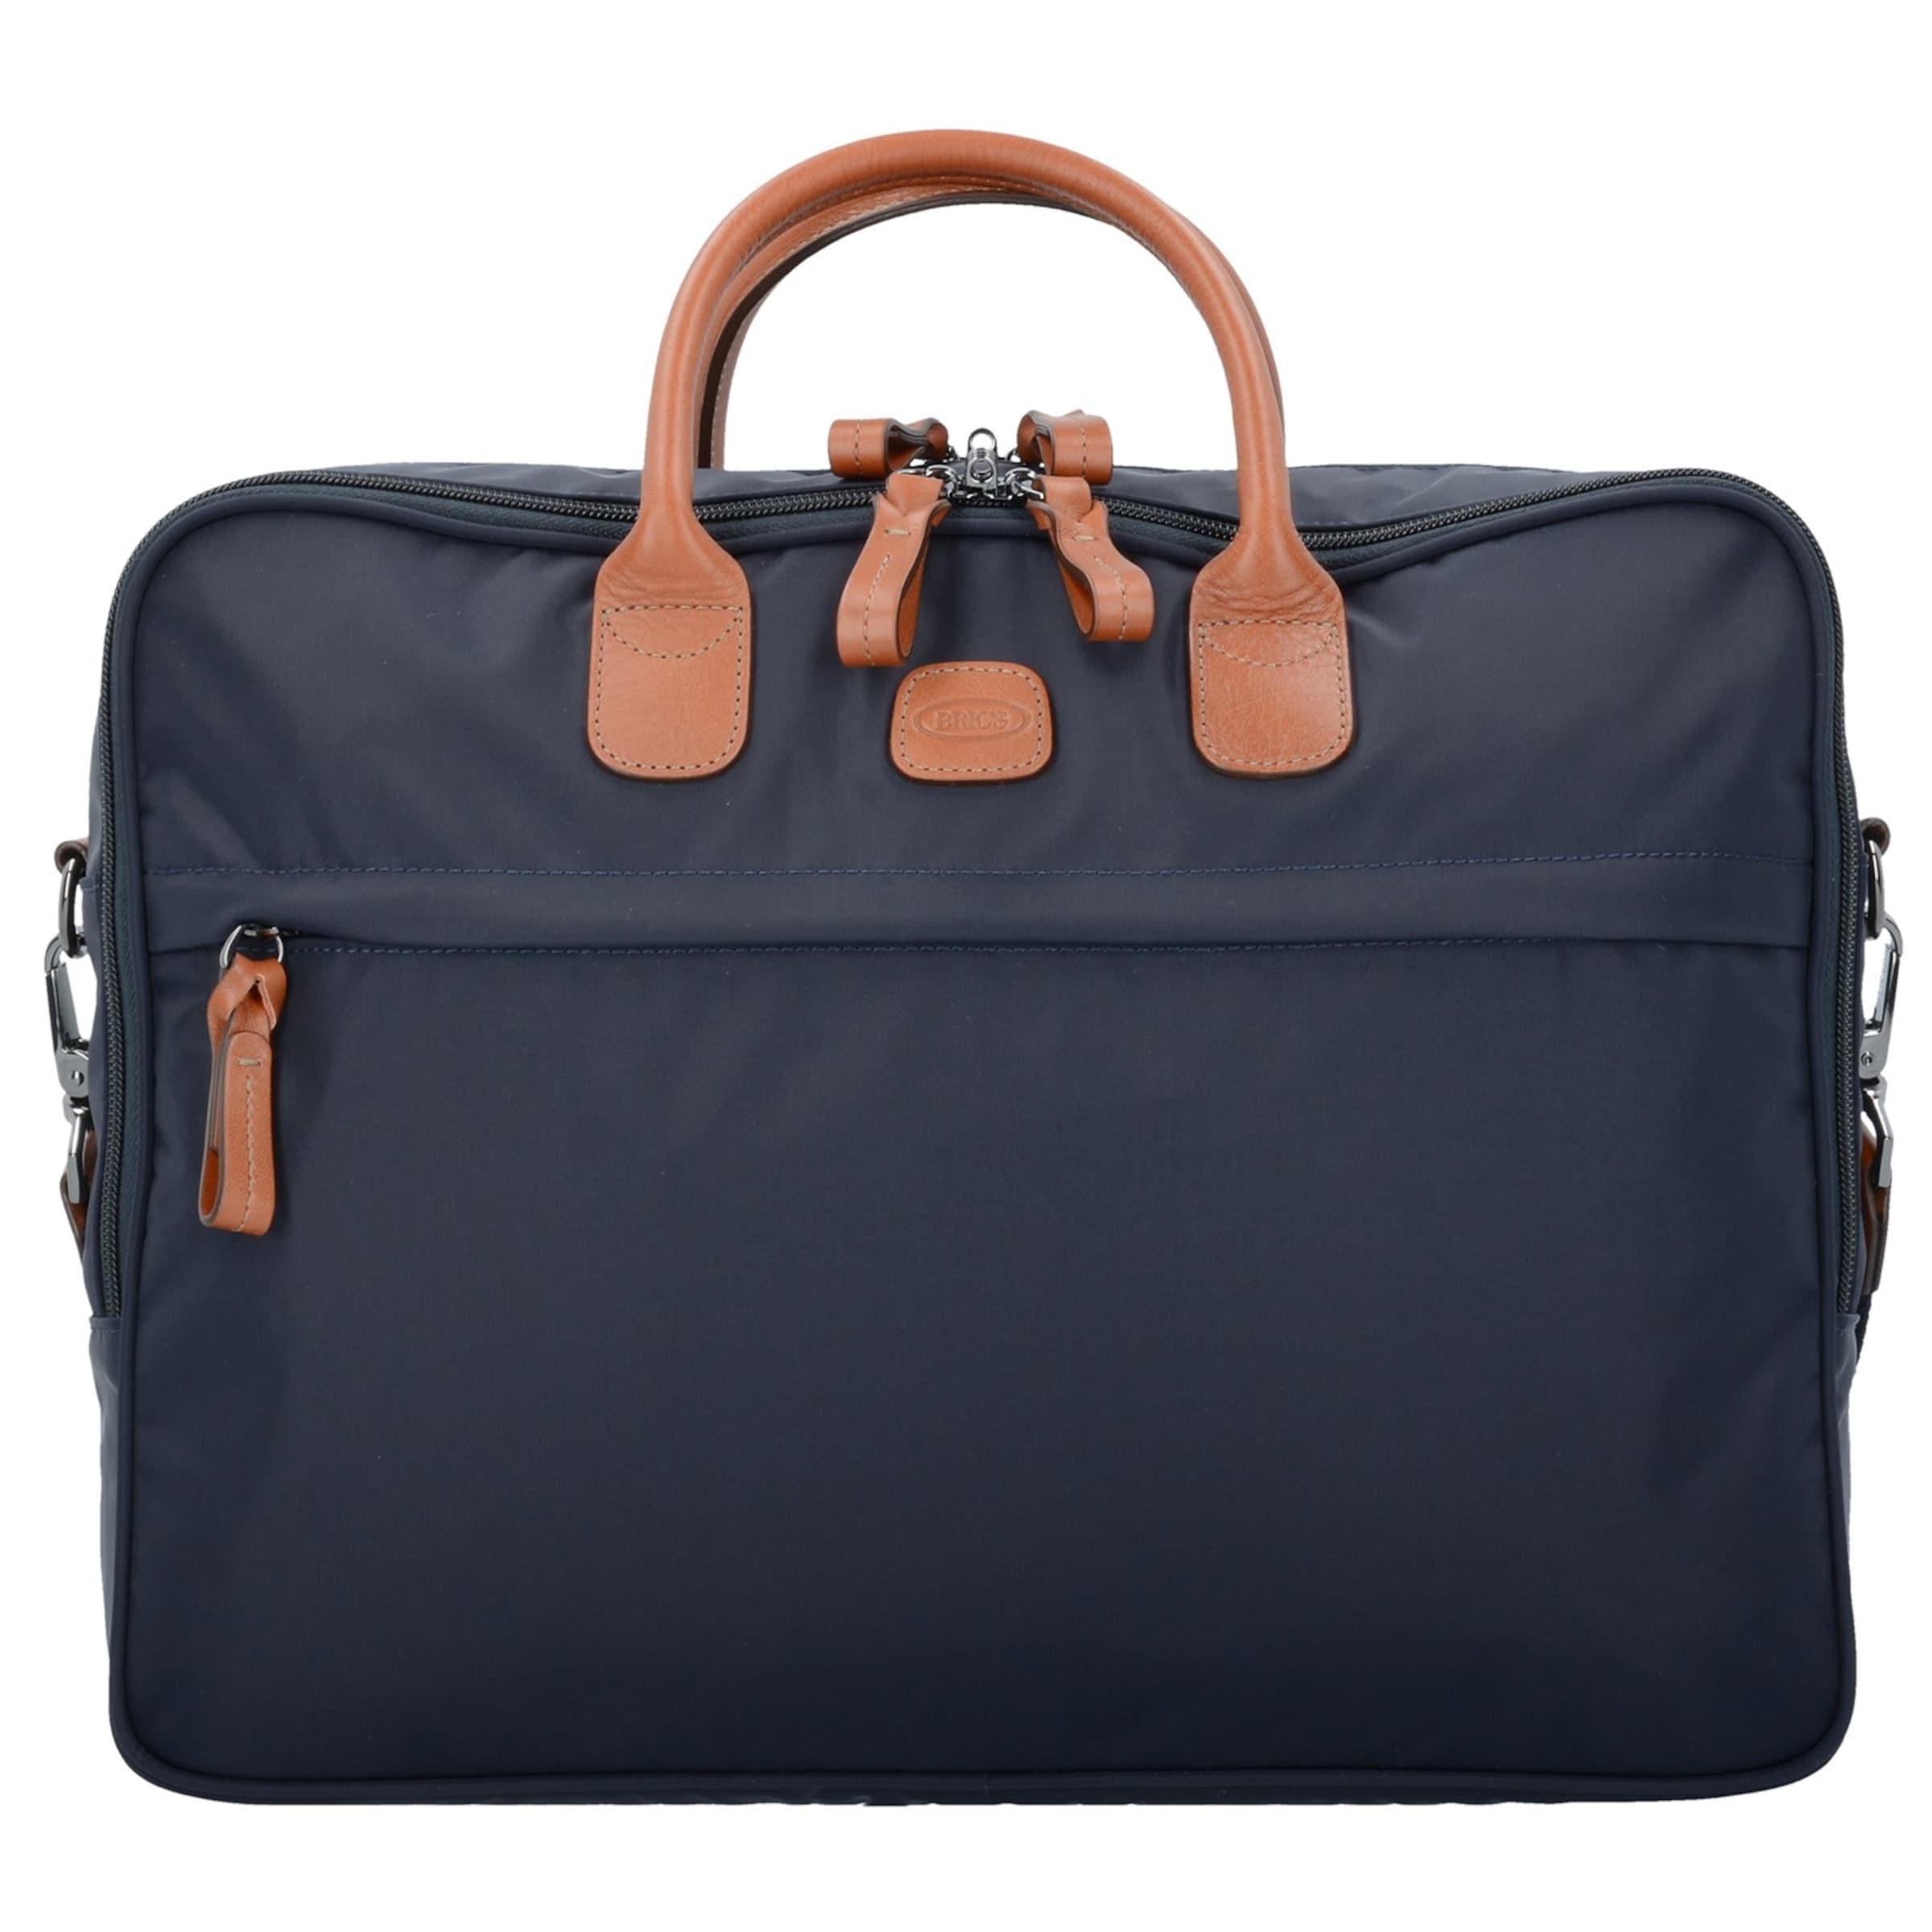 Bric's X-Travel Umhängetasche 36 cm Großer Verkauf Verkauf Online Discount-Marke Neue Unisex Rabatte Verkaufsauftrag Günstiges Shop-Angebot t4DCrn5